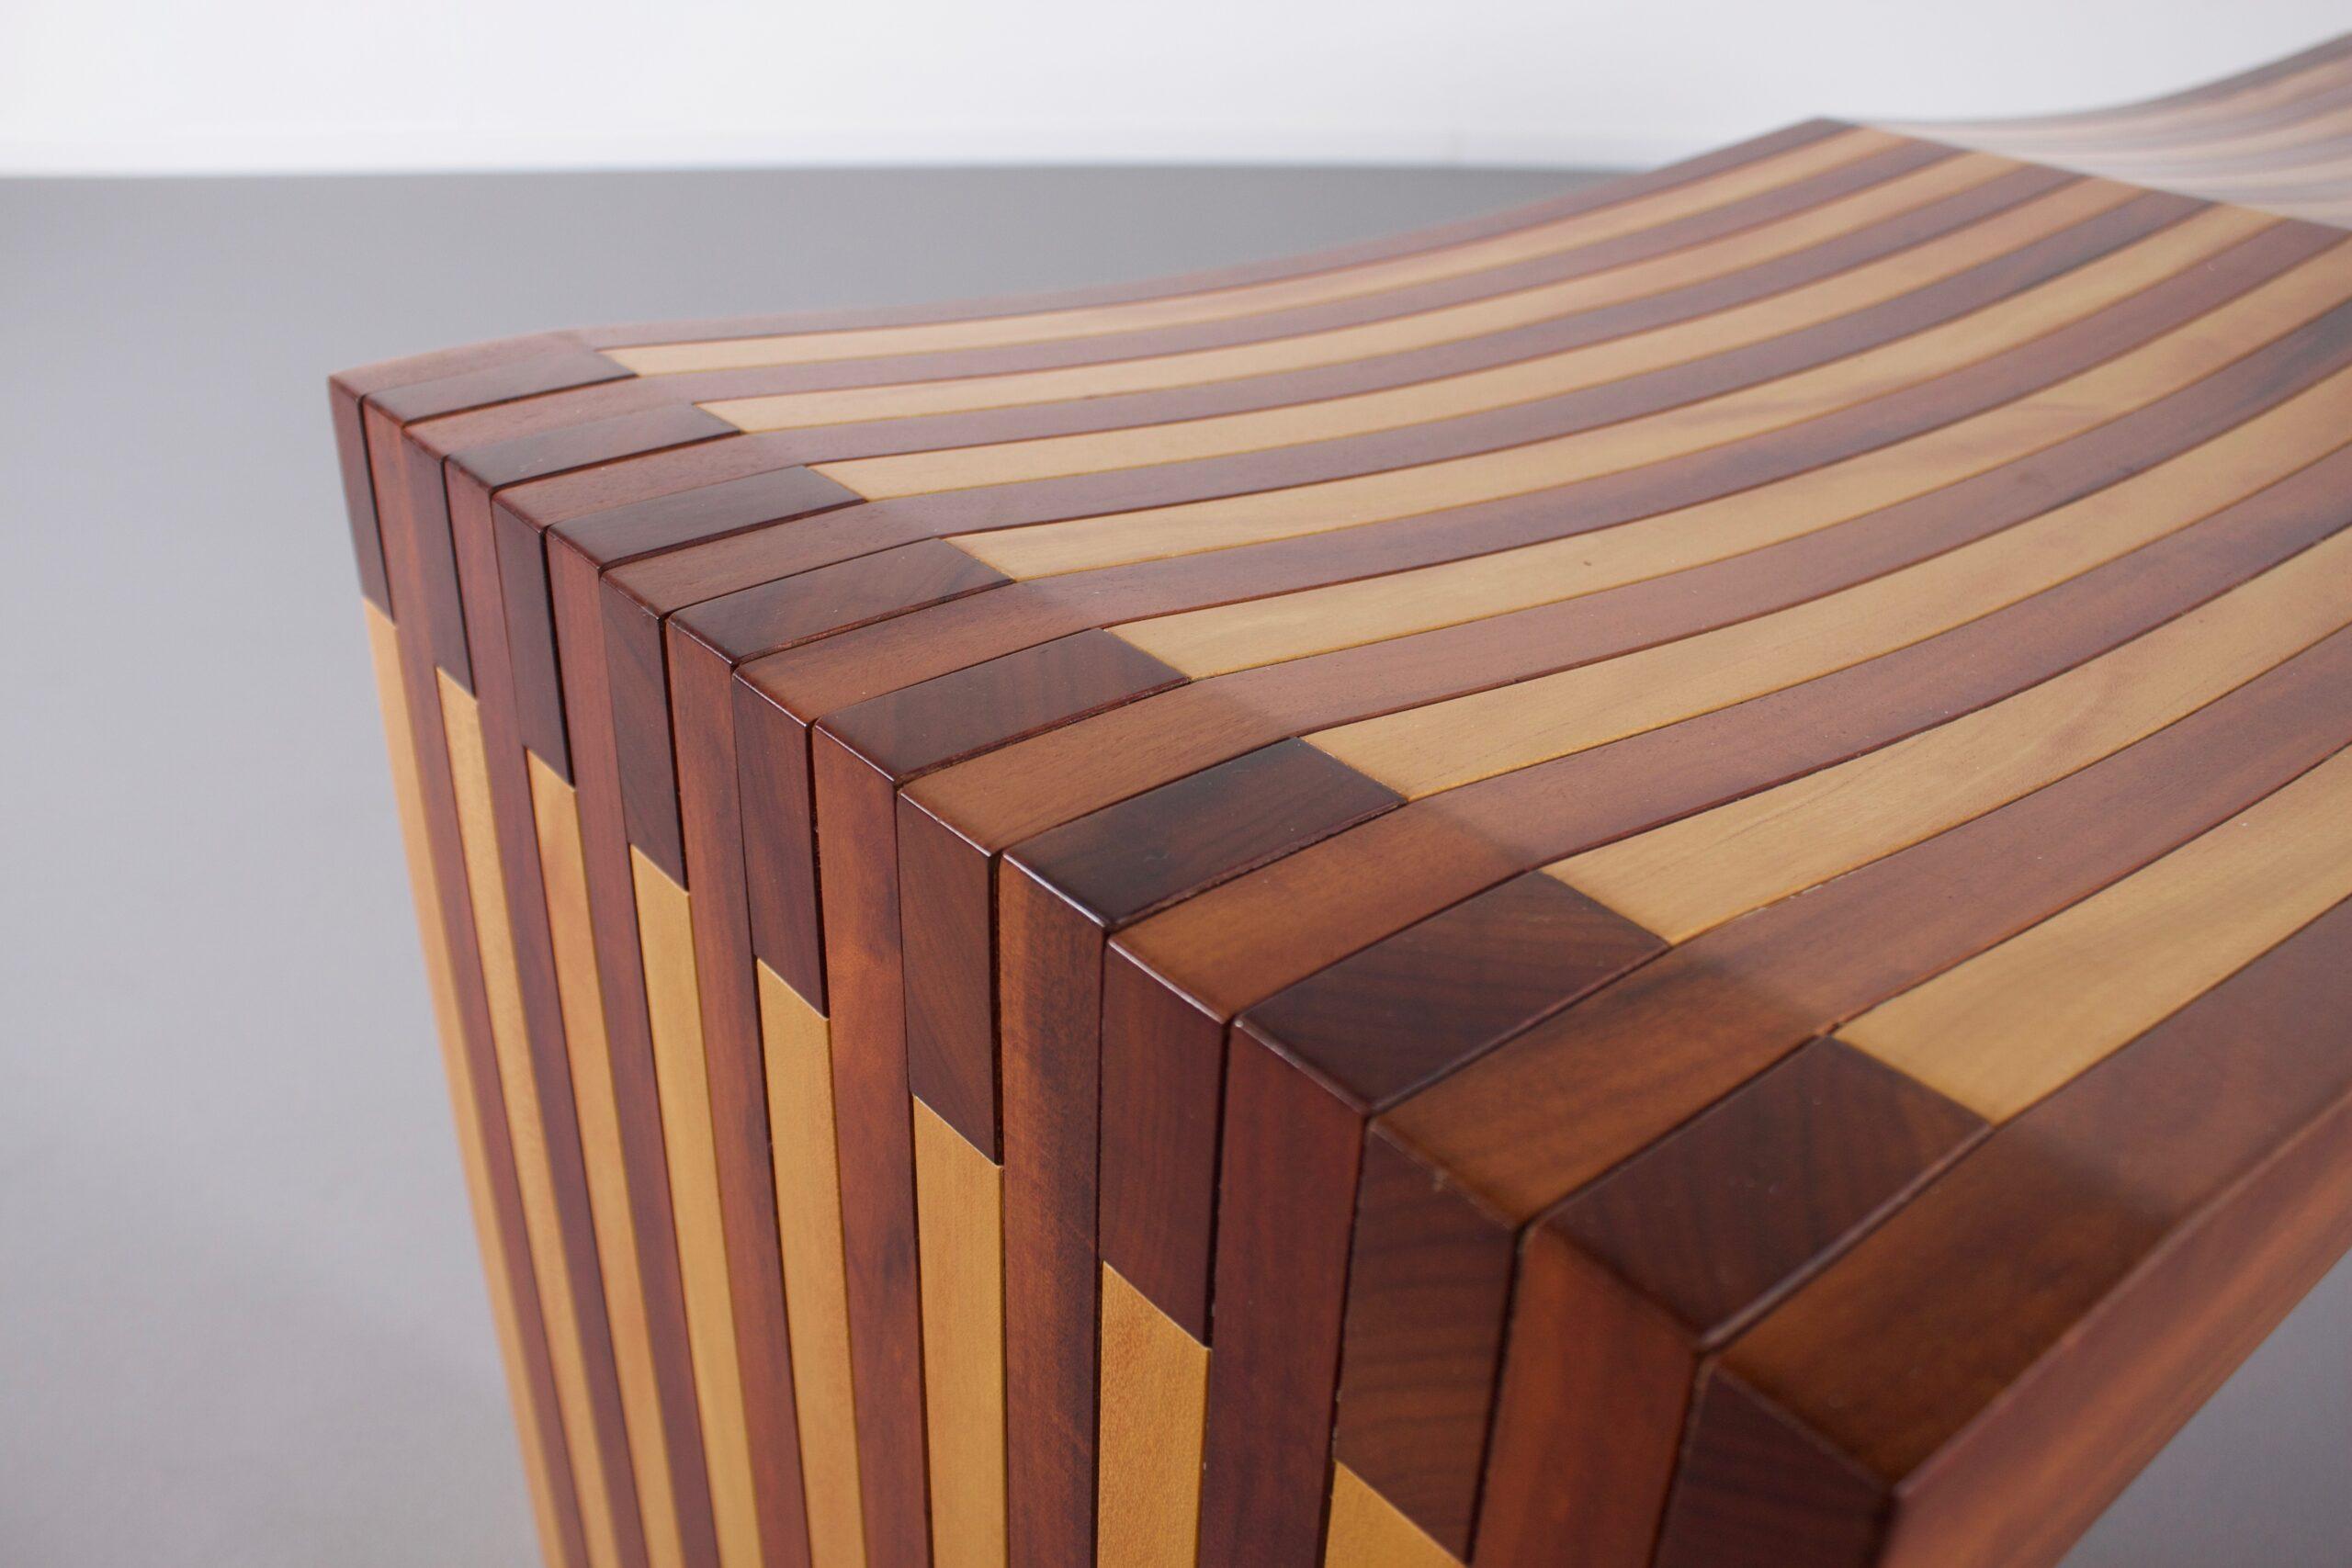 Exceptional 'Ressaquinha' Bench by Mauricio Azeredo